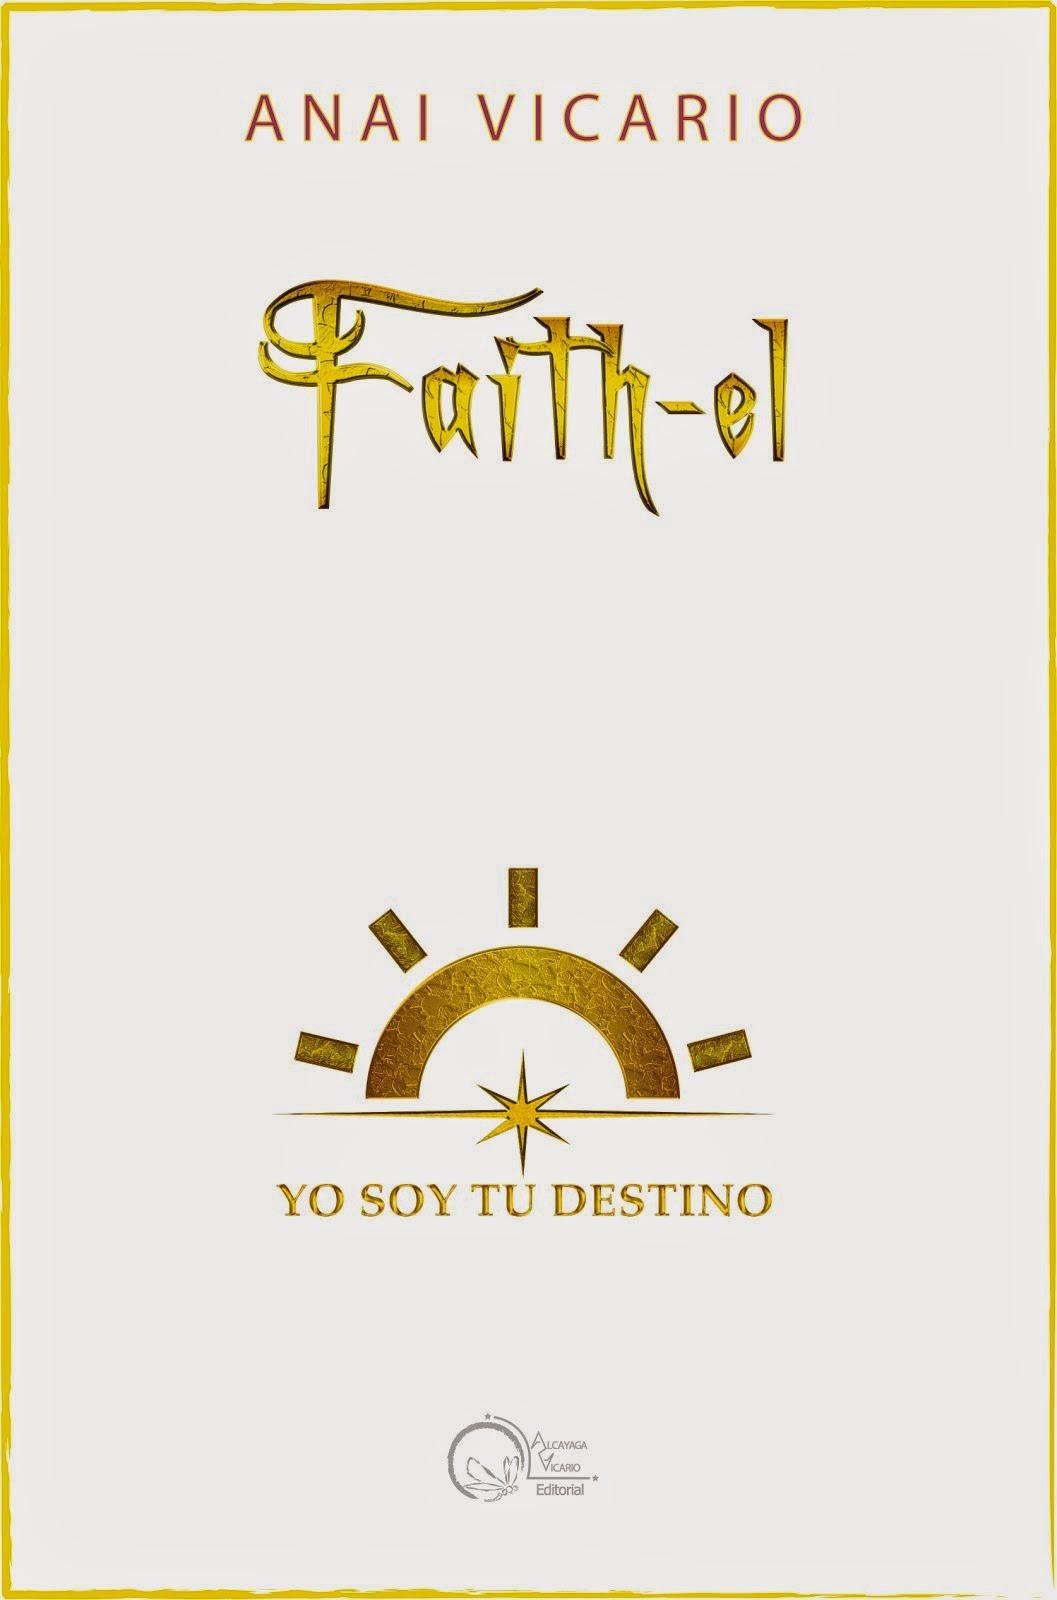 Yo soy tu destino